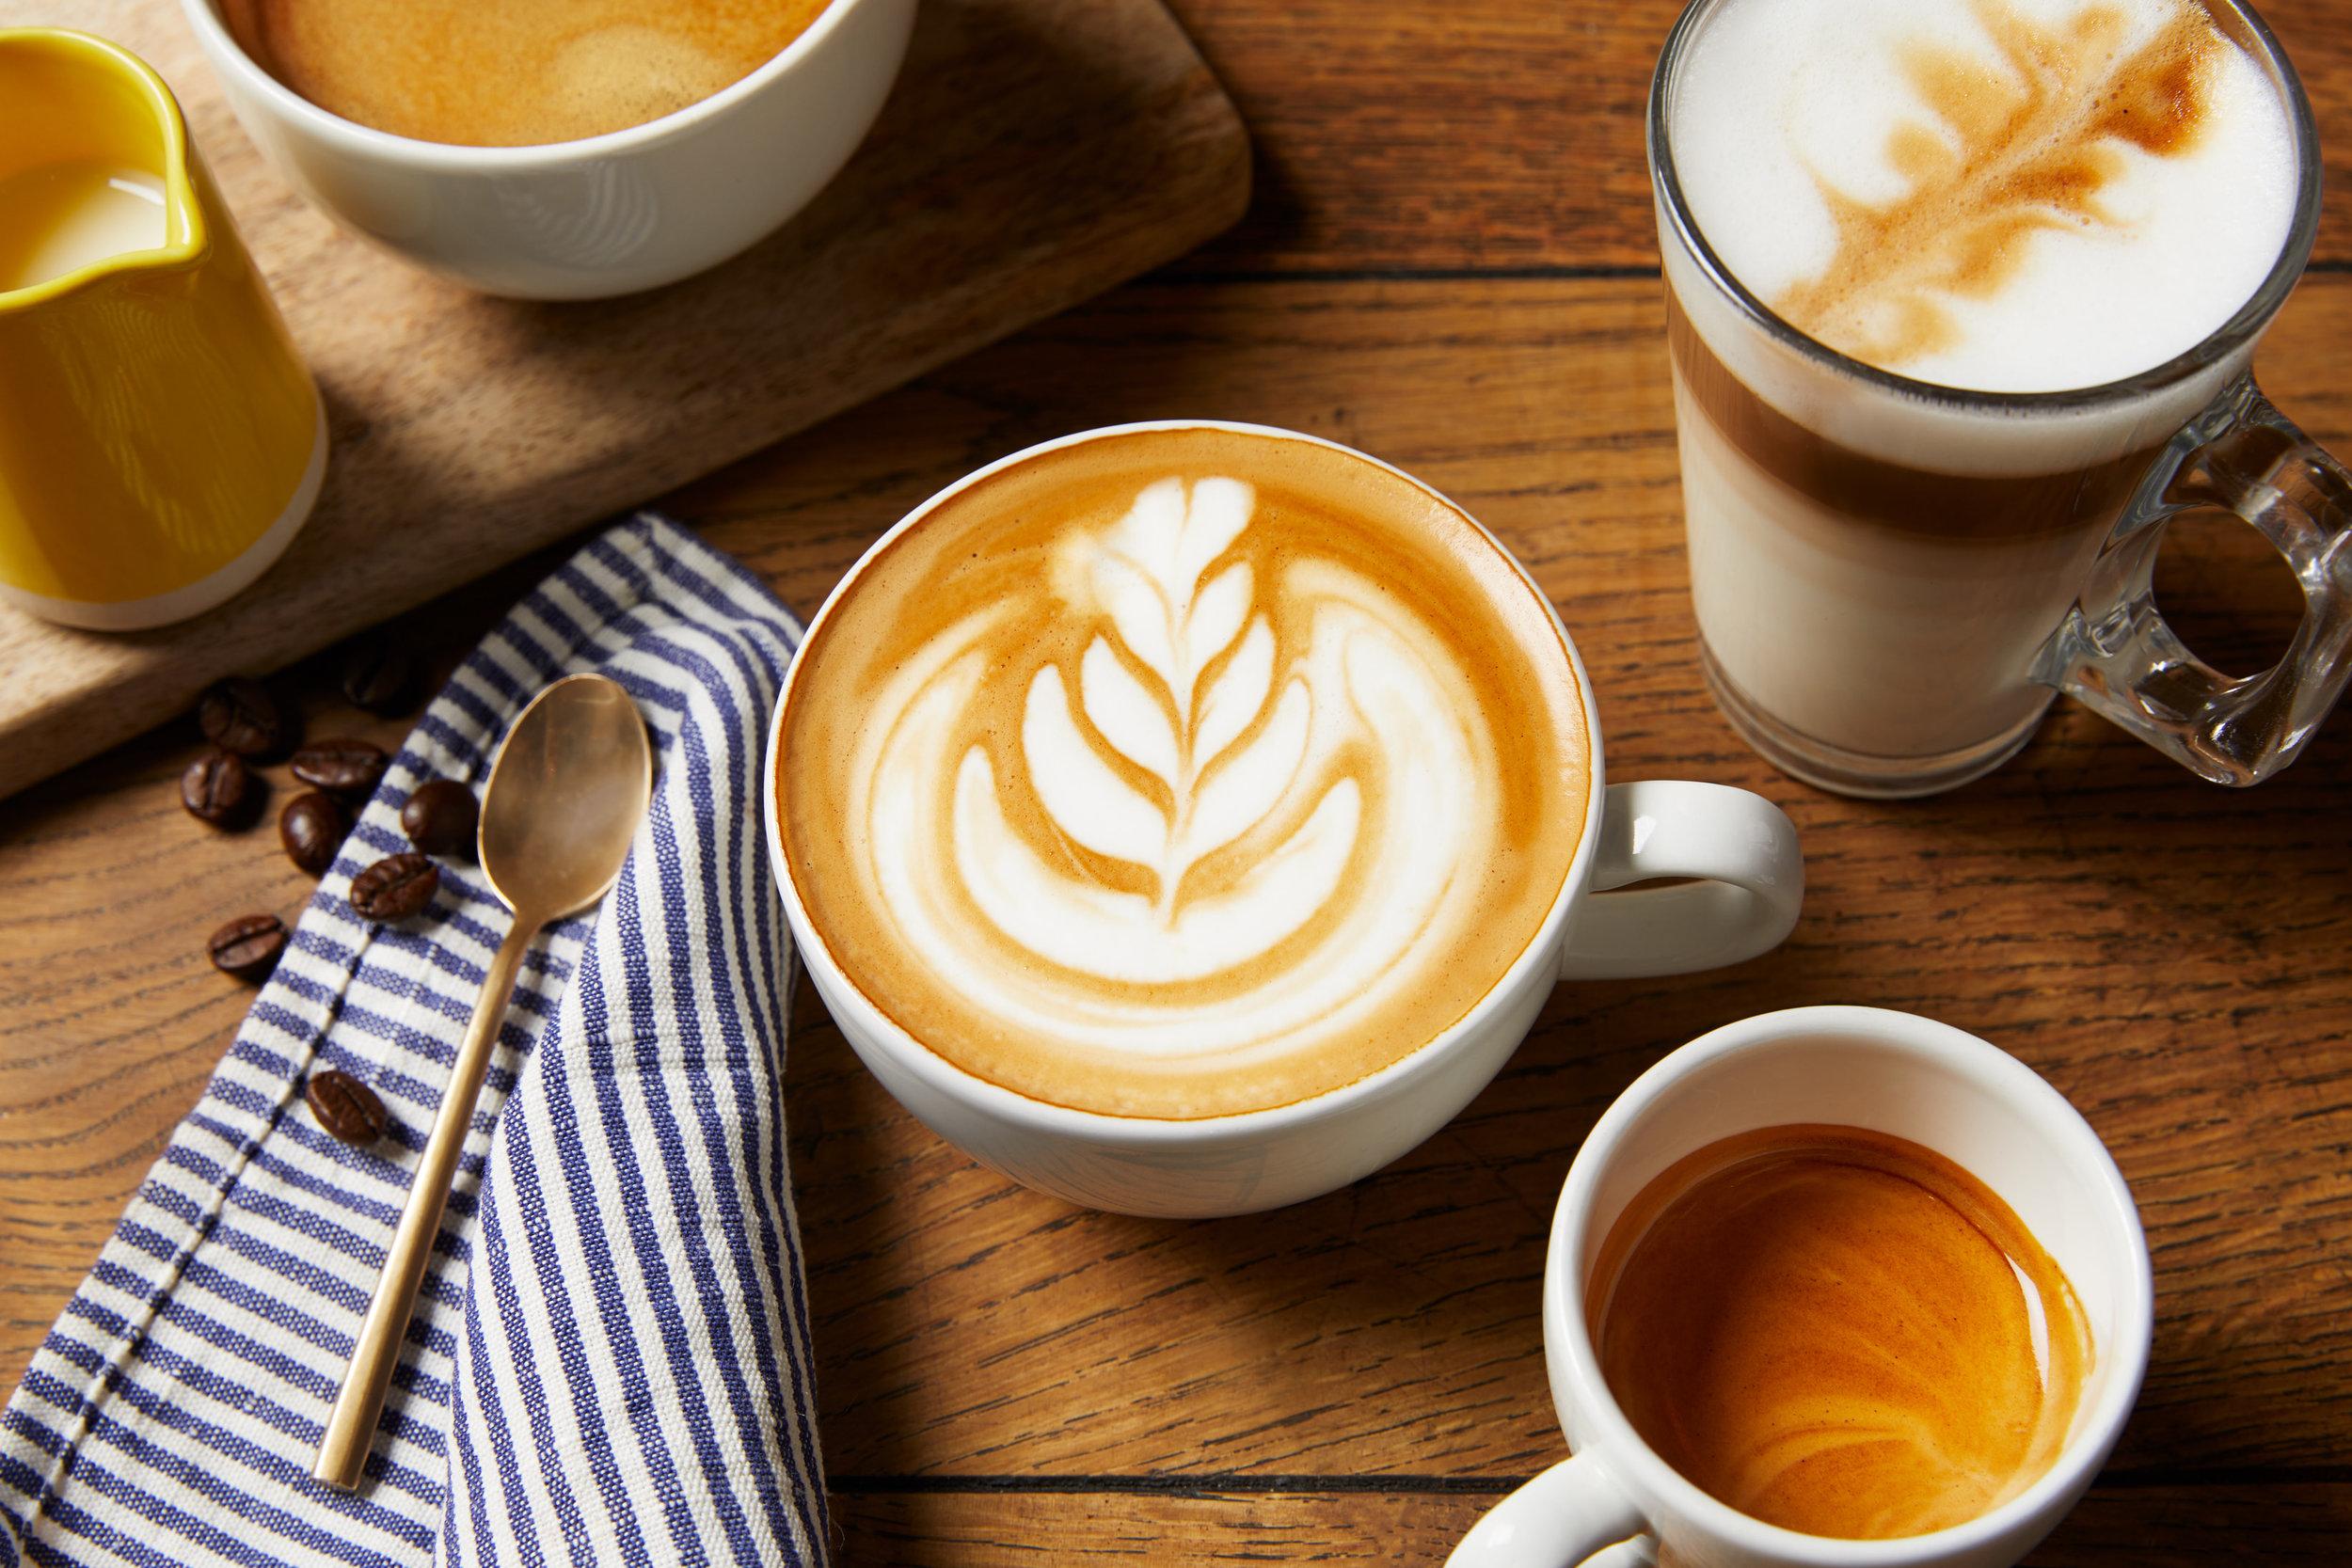 20190315-coffee-237-mrj.jpg